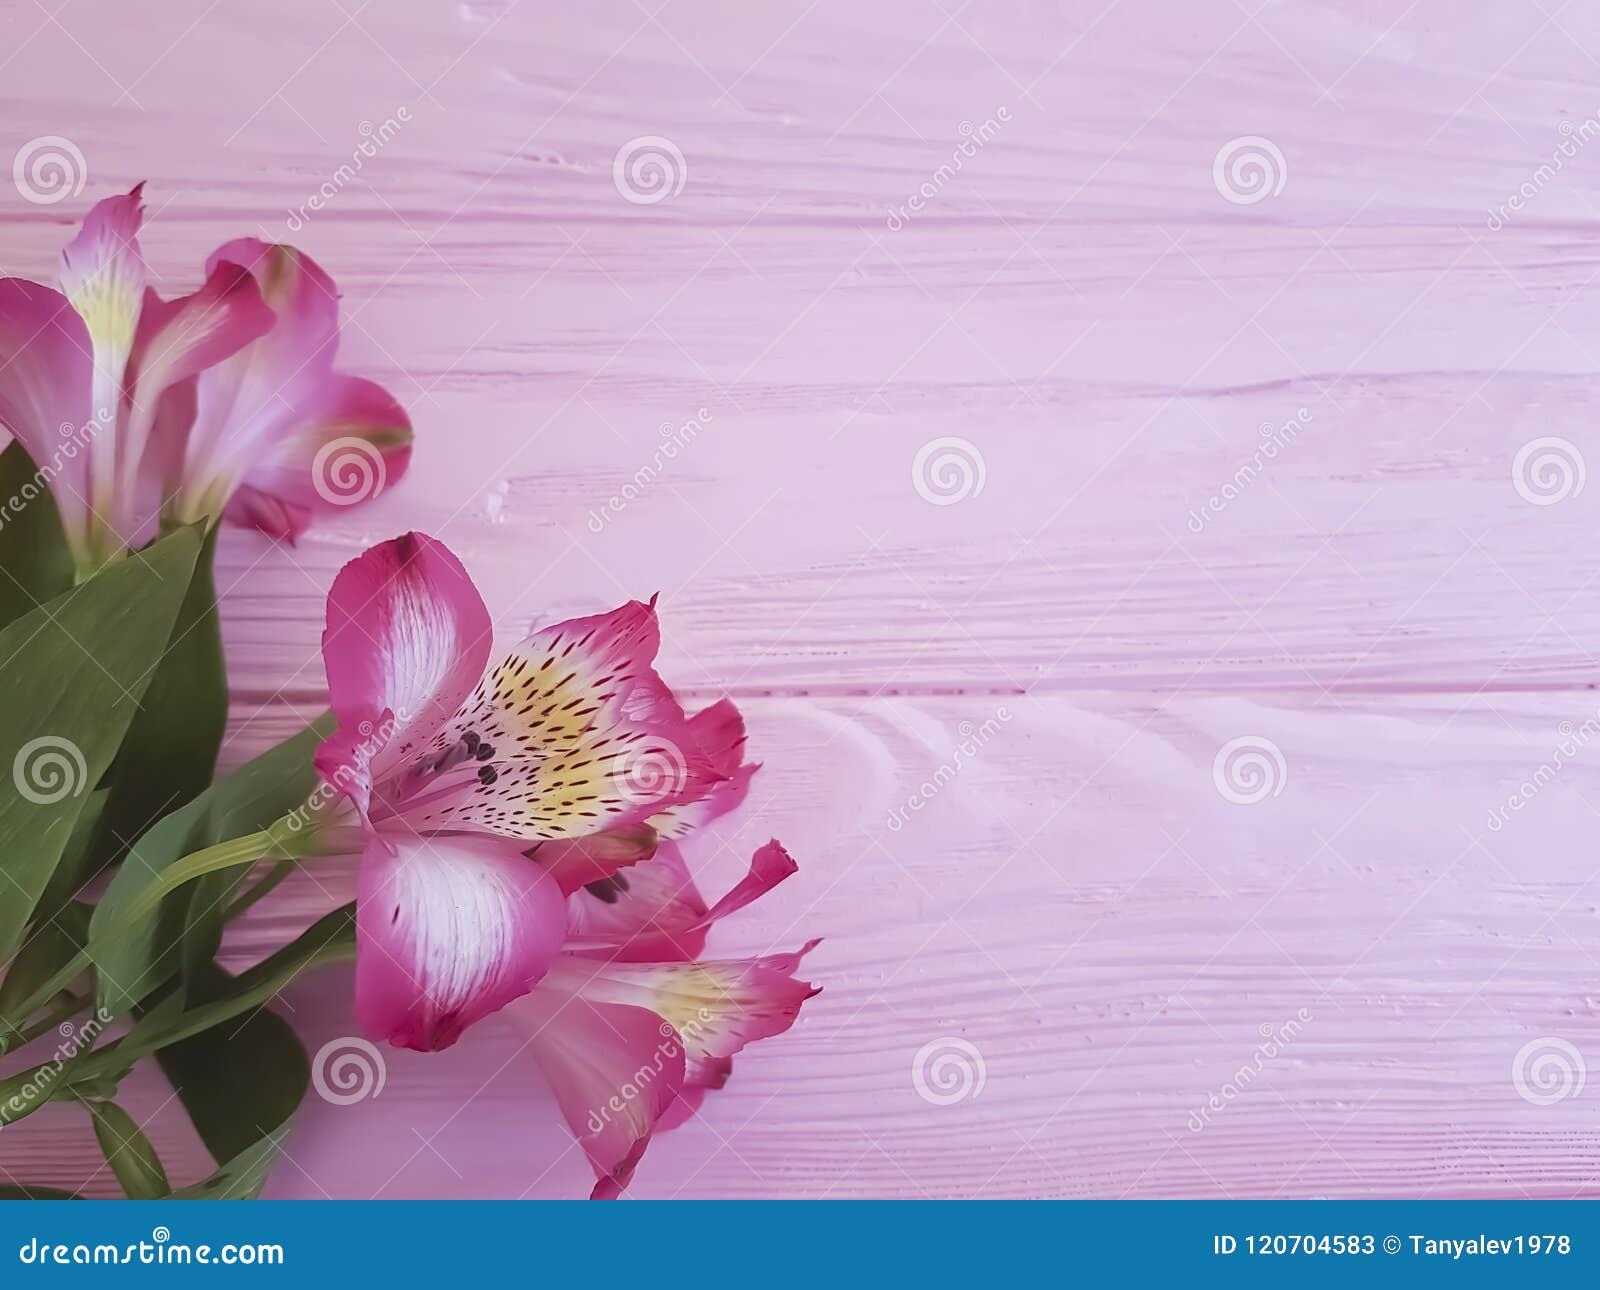 Saludos románticos imponentes del vintage del aniversario del Alstroemeria en un fondo rosado del marco de madera